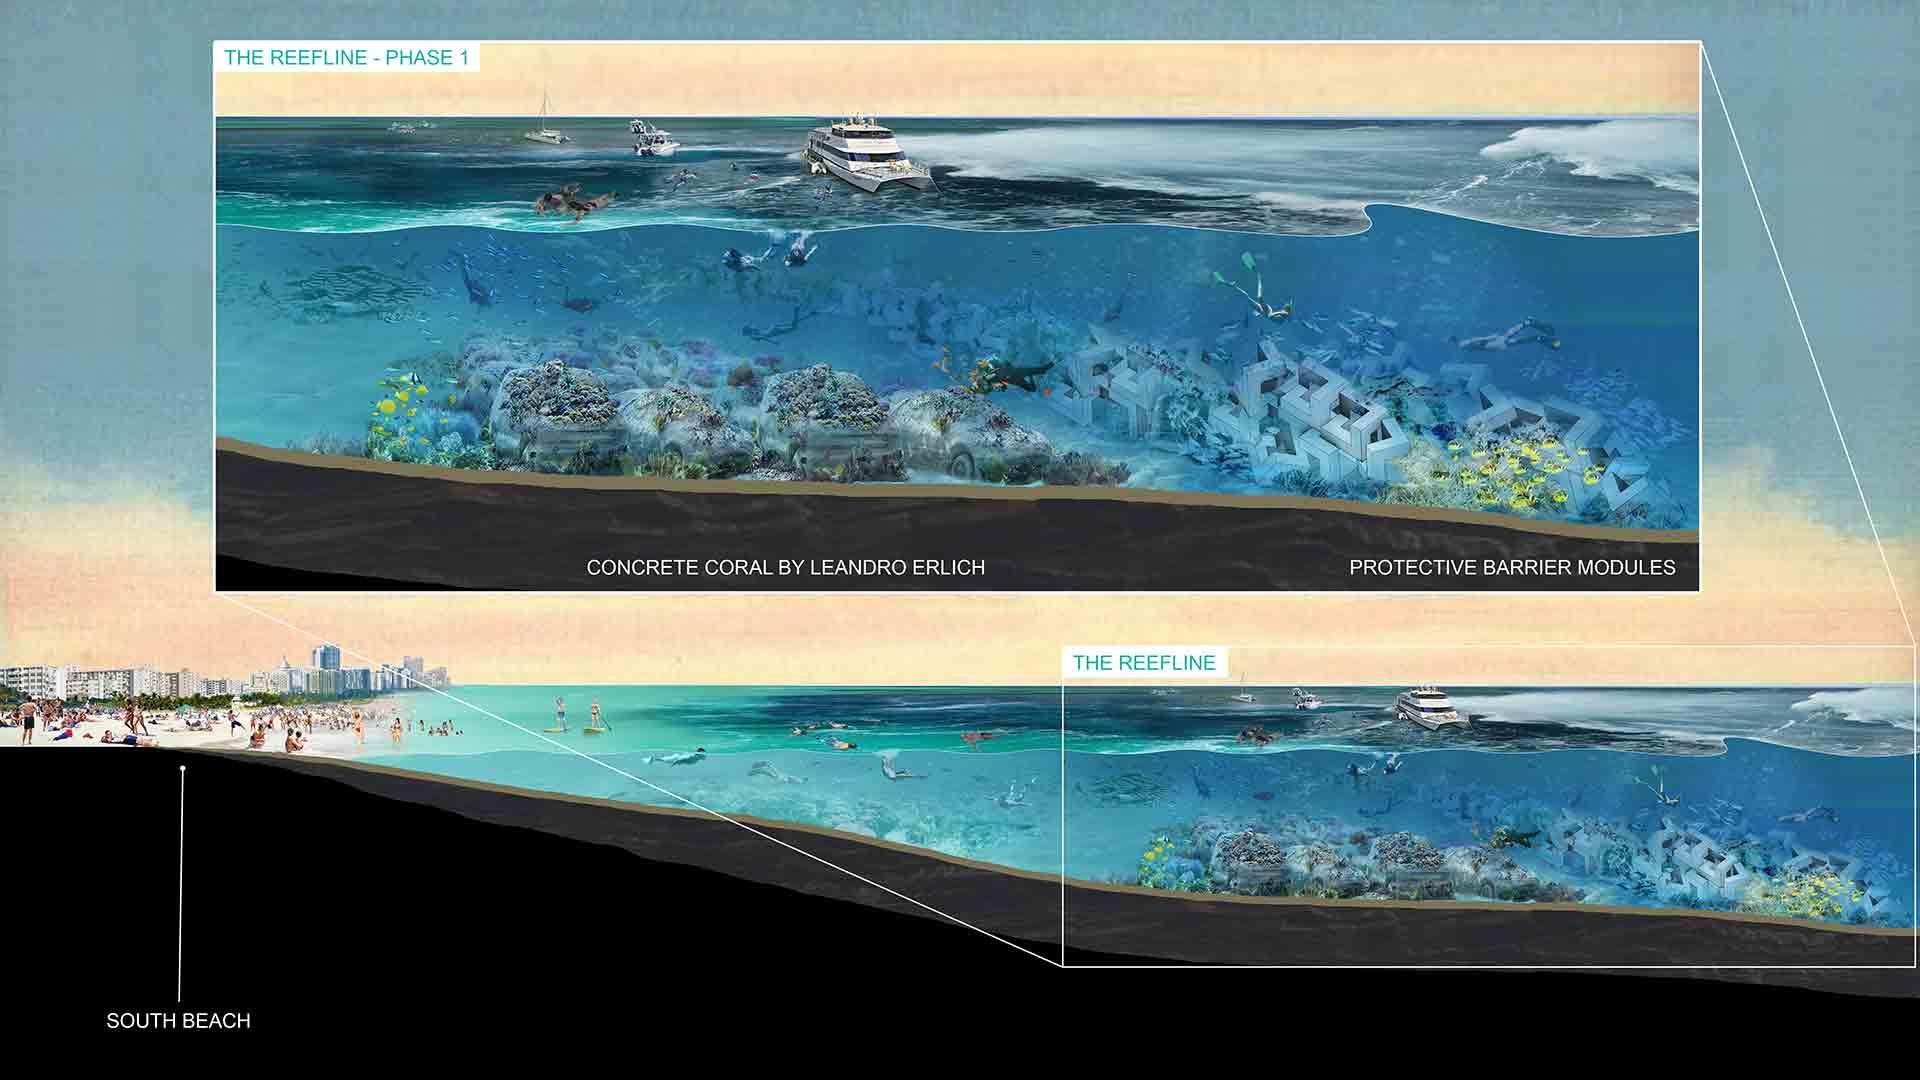 Khám phá công viên san hô điêu khắc dài hơn 11km sắp mở cửa ở vùng biển Miami - Ảnh 4.